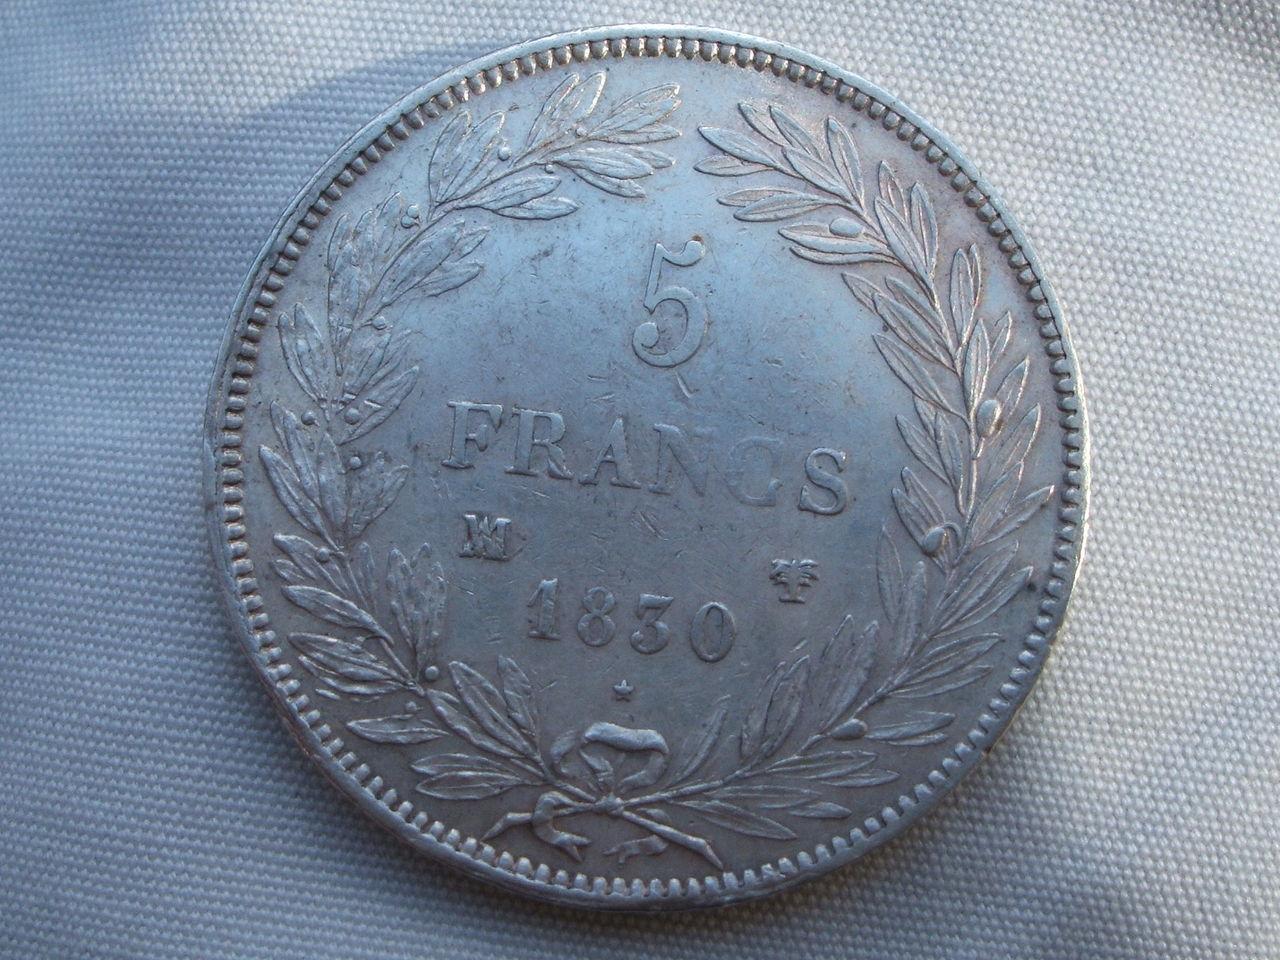 5 Francos de 1830 (Marsella). Luis Felipe I. Francia. Siii